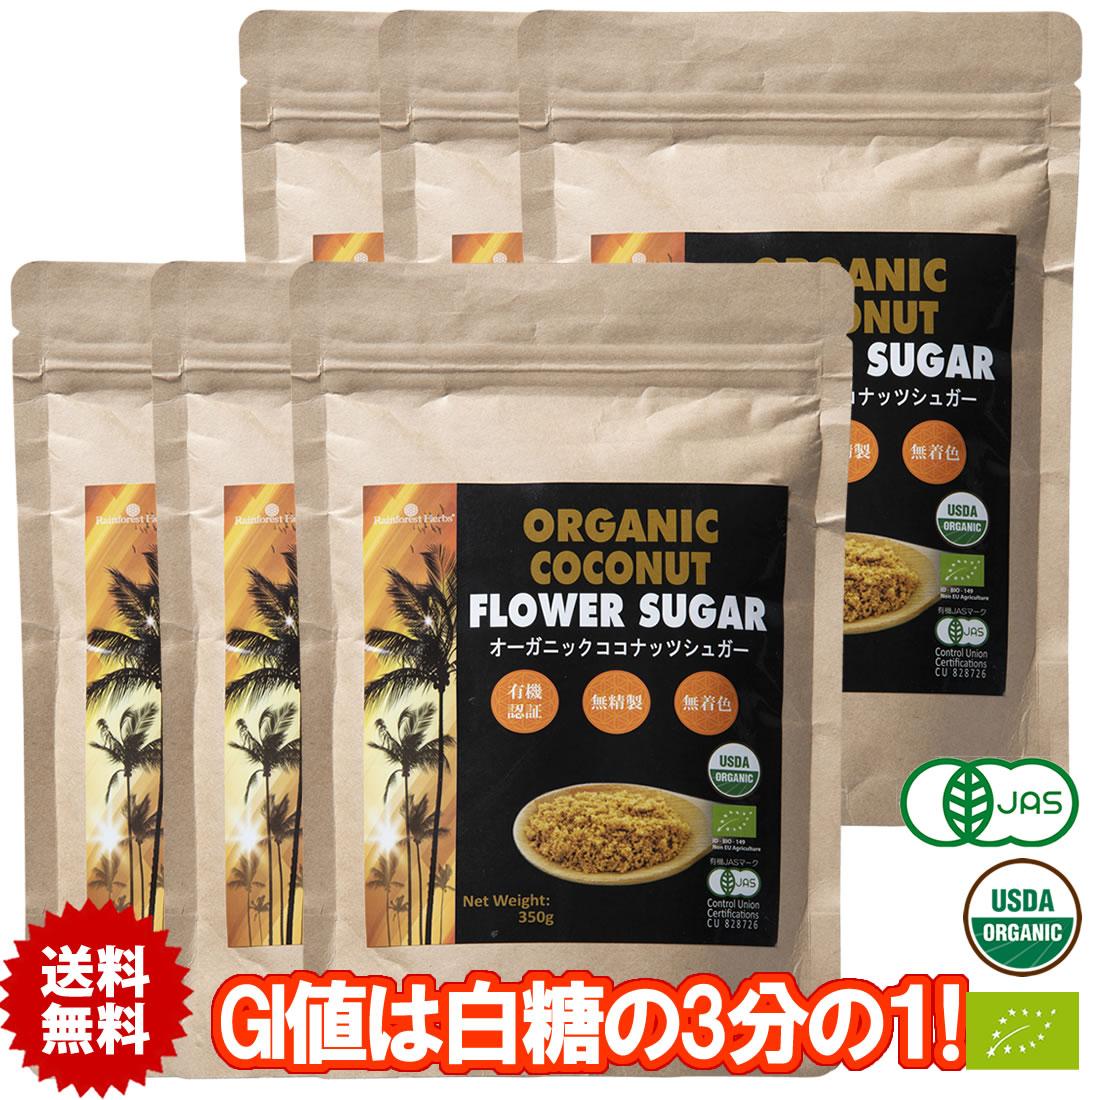 有機JASオーガニック ココナッツシュガー低GI食品 350g 6袋糖質は白砂糖の3分の1!(Organic coconut sugar)